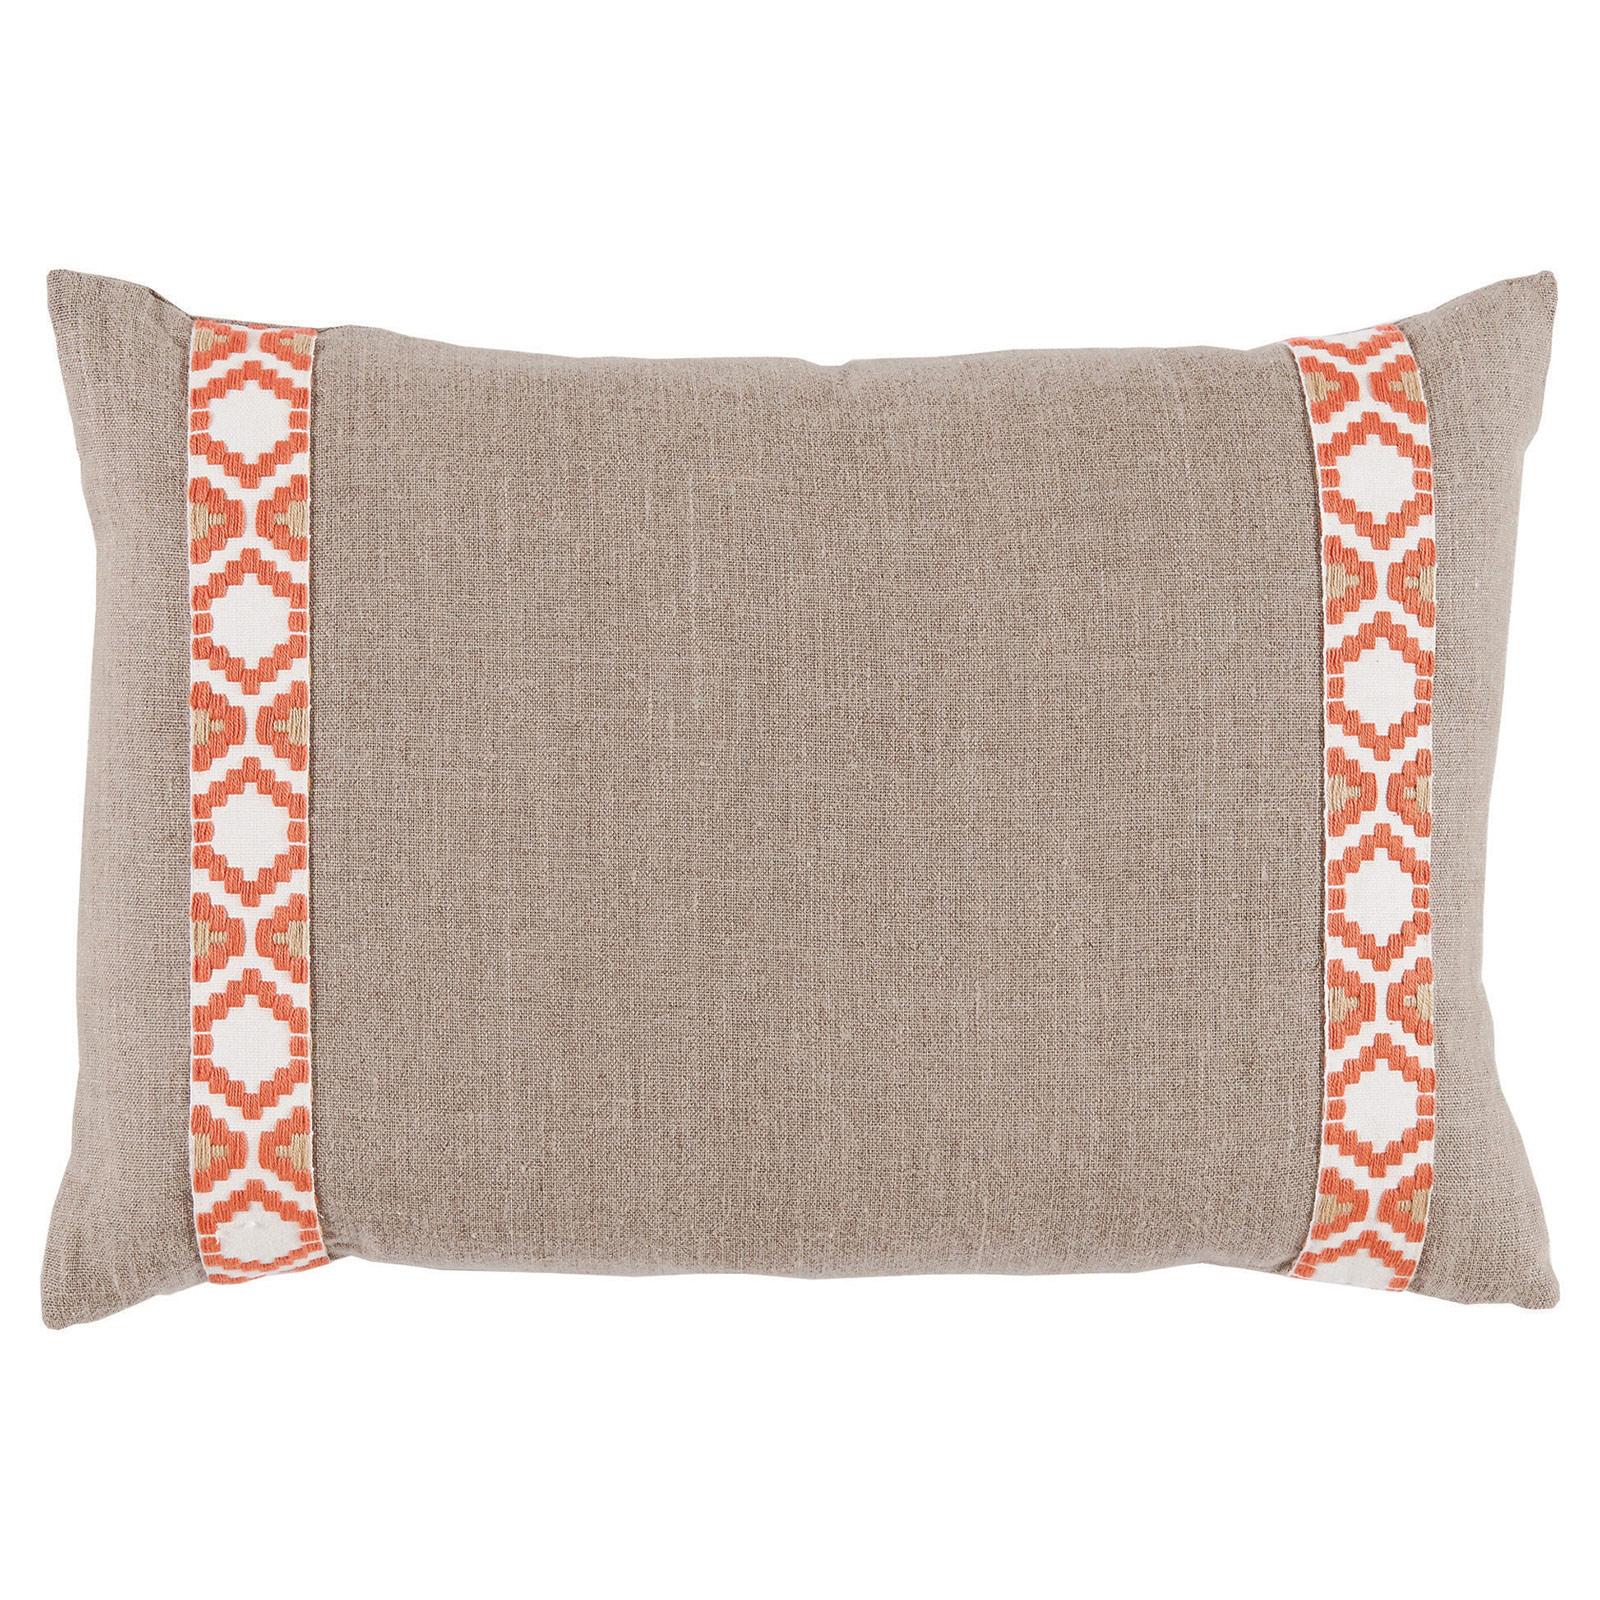 Kaia Global Beige Linen Trim Band Pillow - 13x19